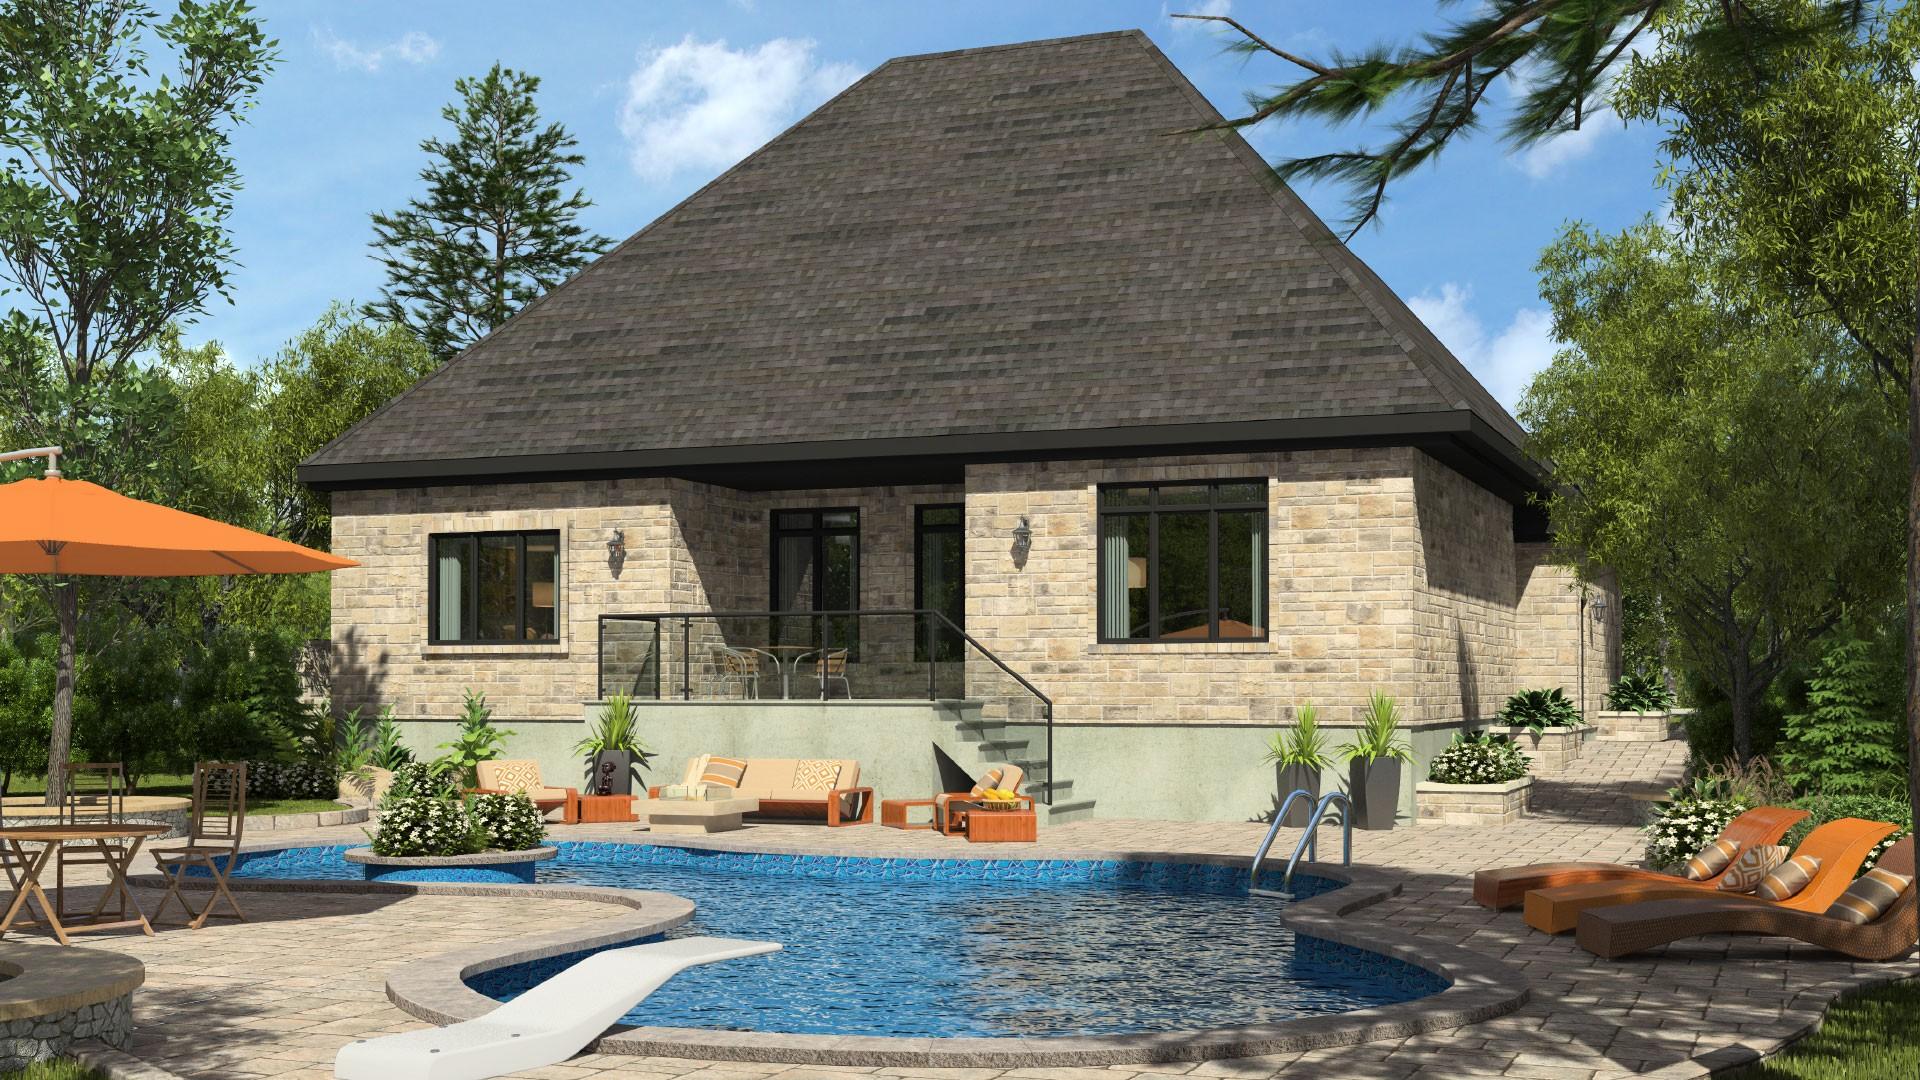 PP_Chateaux_Châteauguay_Maison de prestige_Domicil